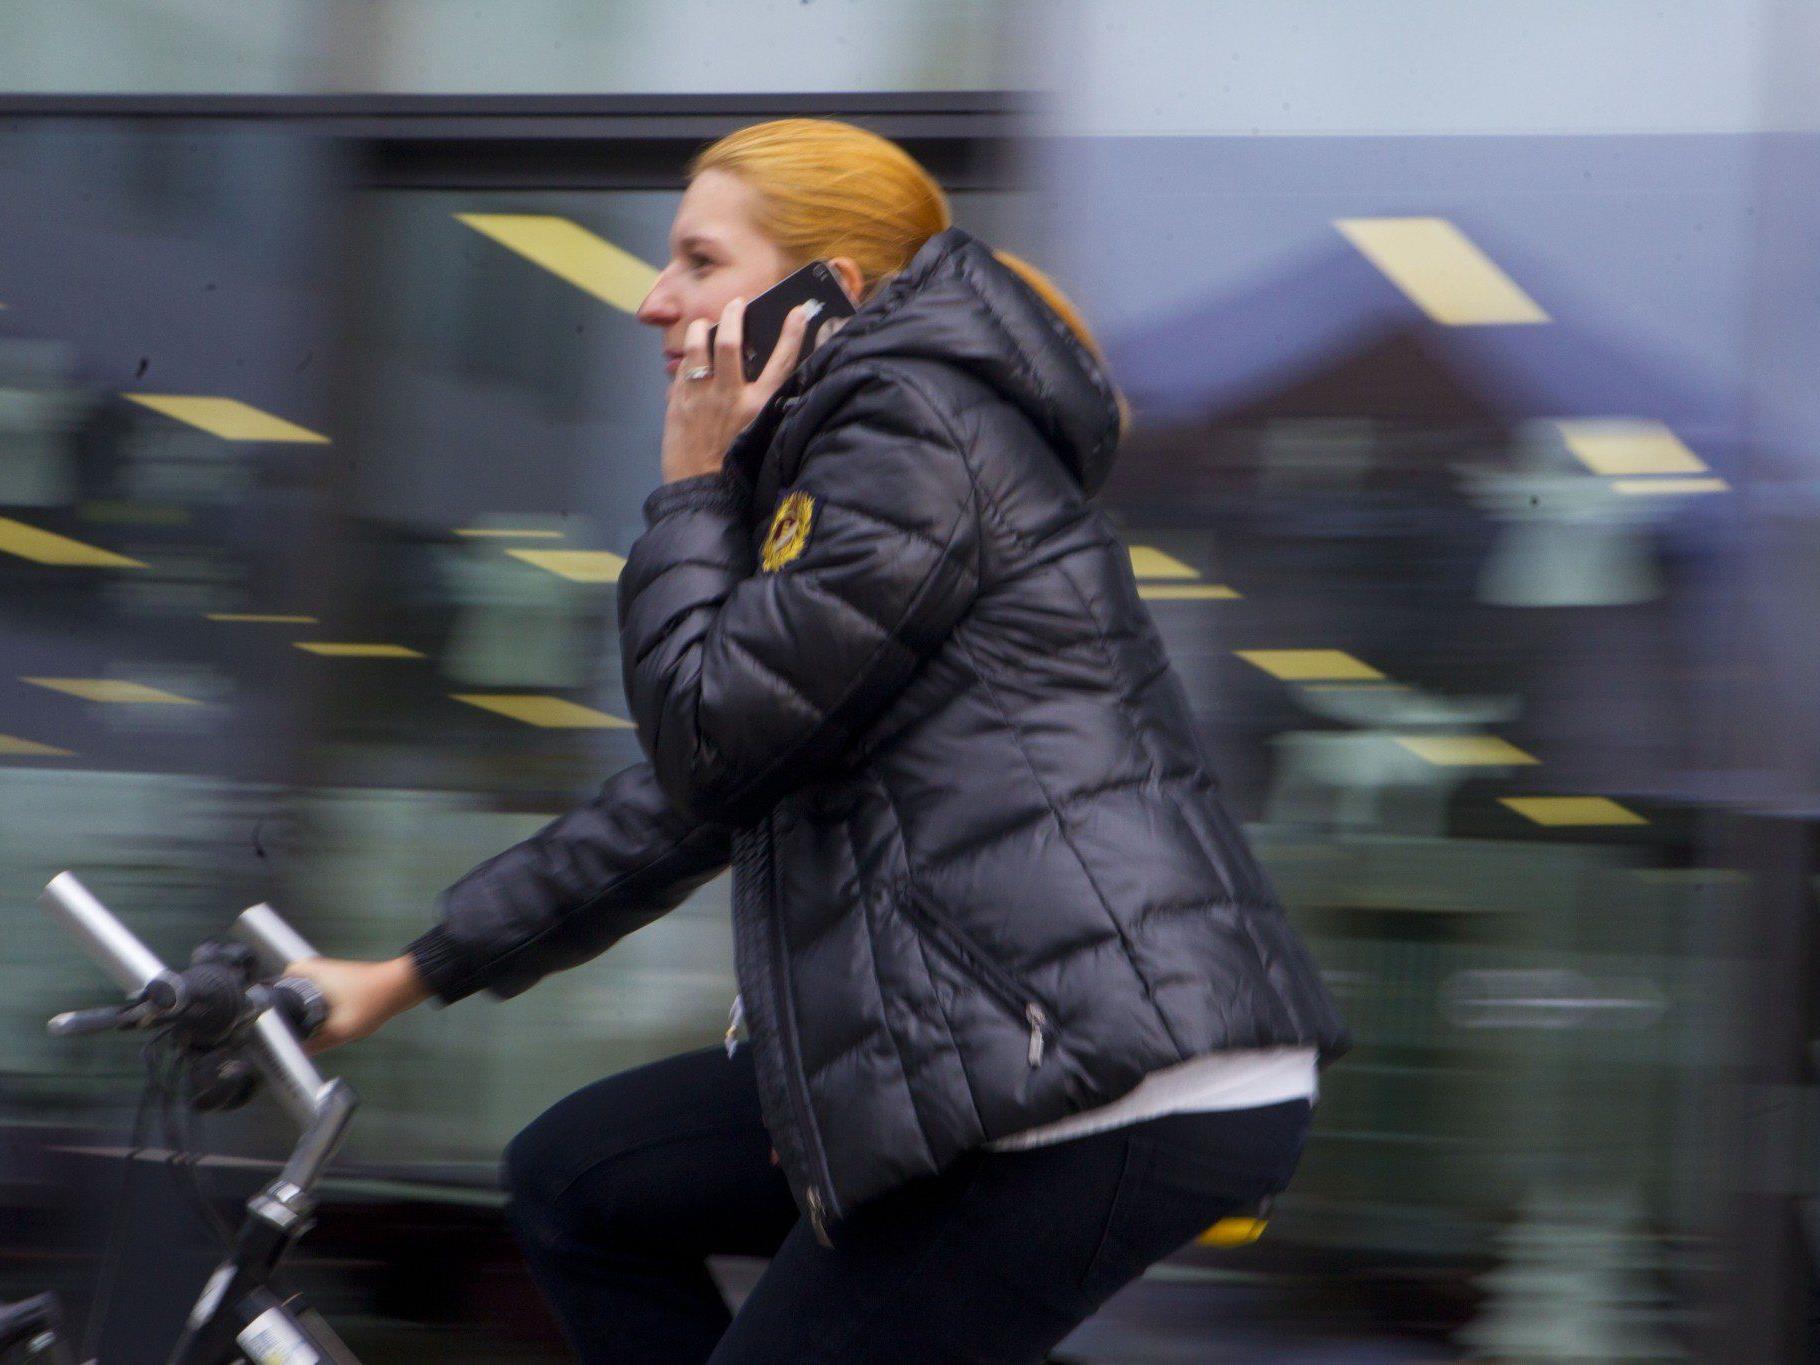 Wer sich beim Telefonieren auf dem Rad erwischen lässt, zahlt in Zukunft mehr.